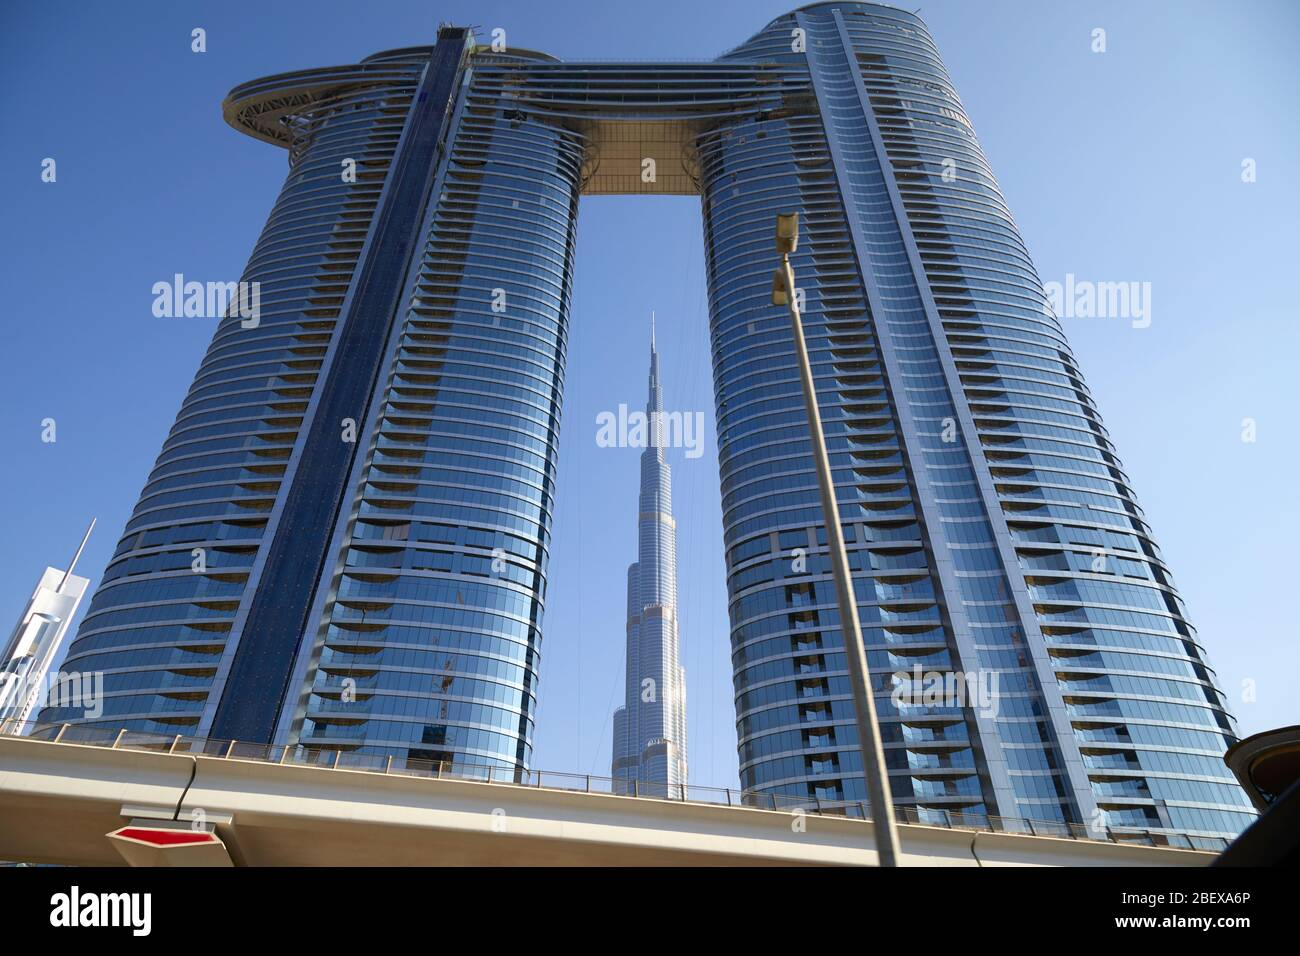 DUBAI, EMIRATS ARABES UNIS - 23 NOVEMBRE 2019: Adresse Sky View hôtel de luxe et Burj Khalifa dans une journée ensoleillée, ciel bleu clair à Dubaï Banque D'Images